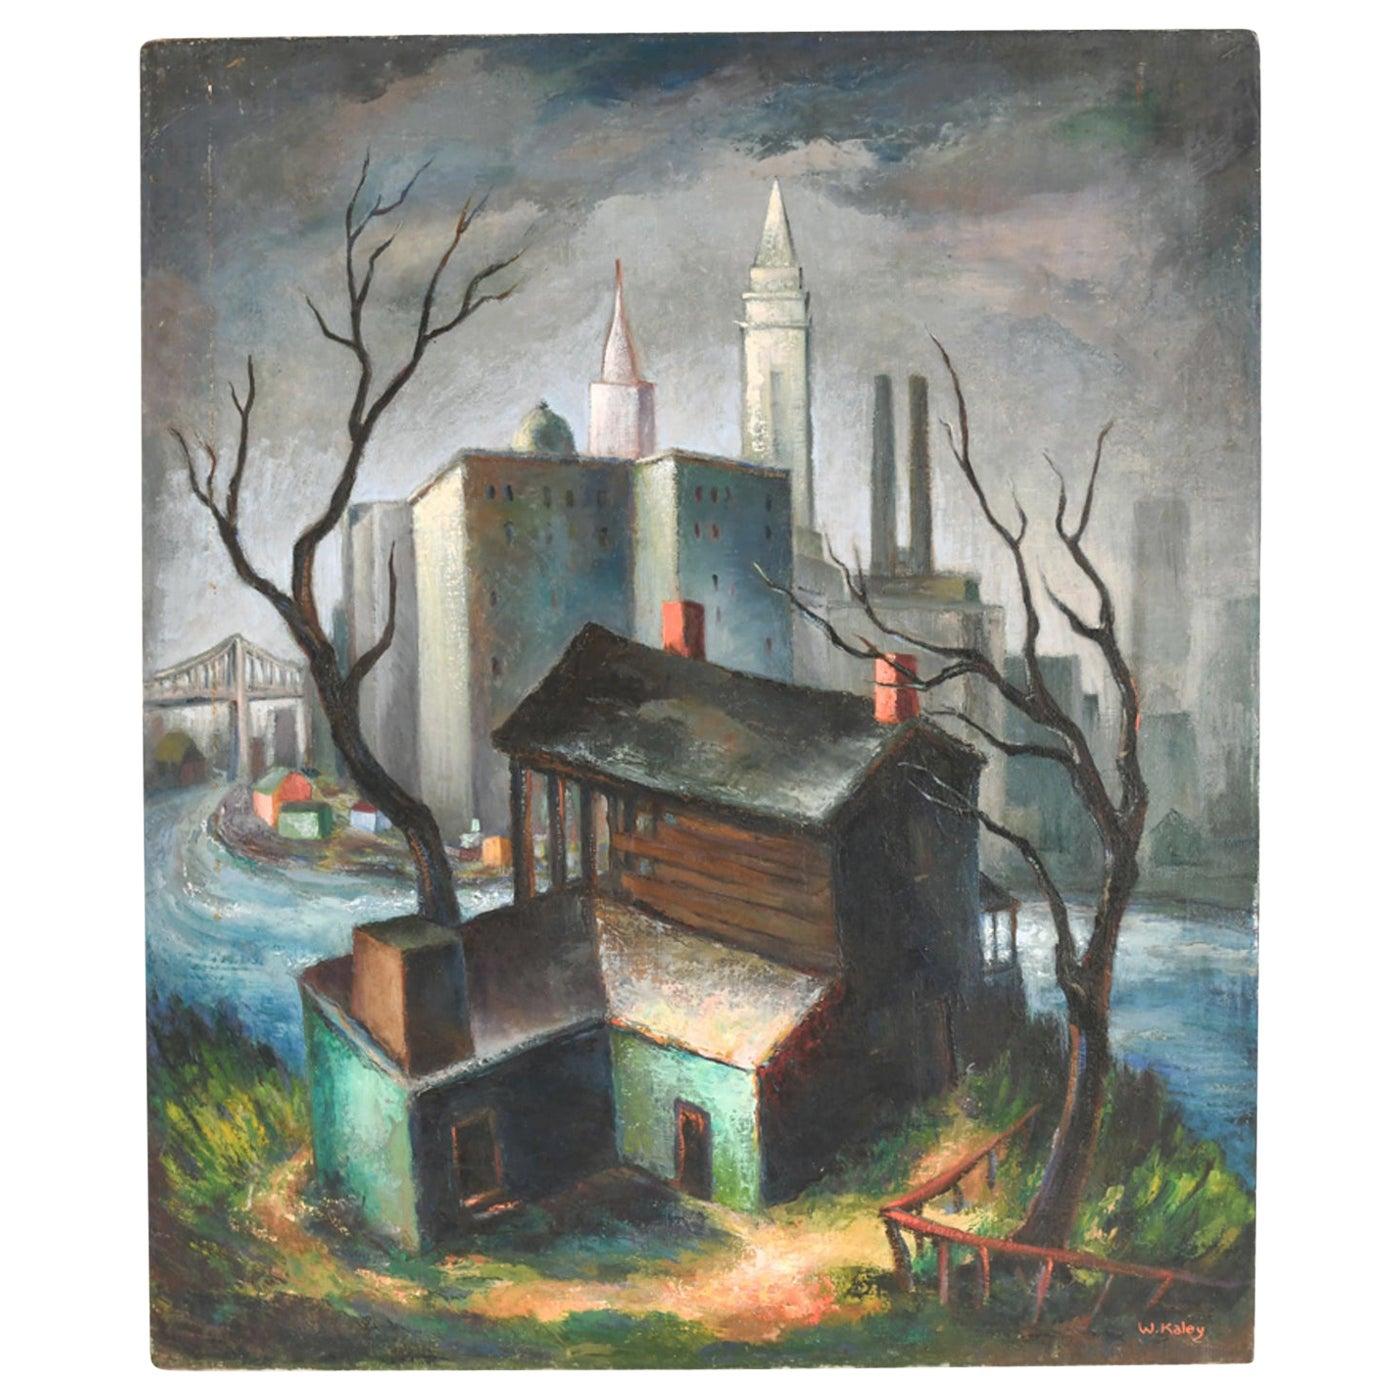 1940s Landscape Painting